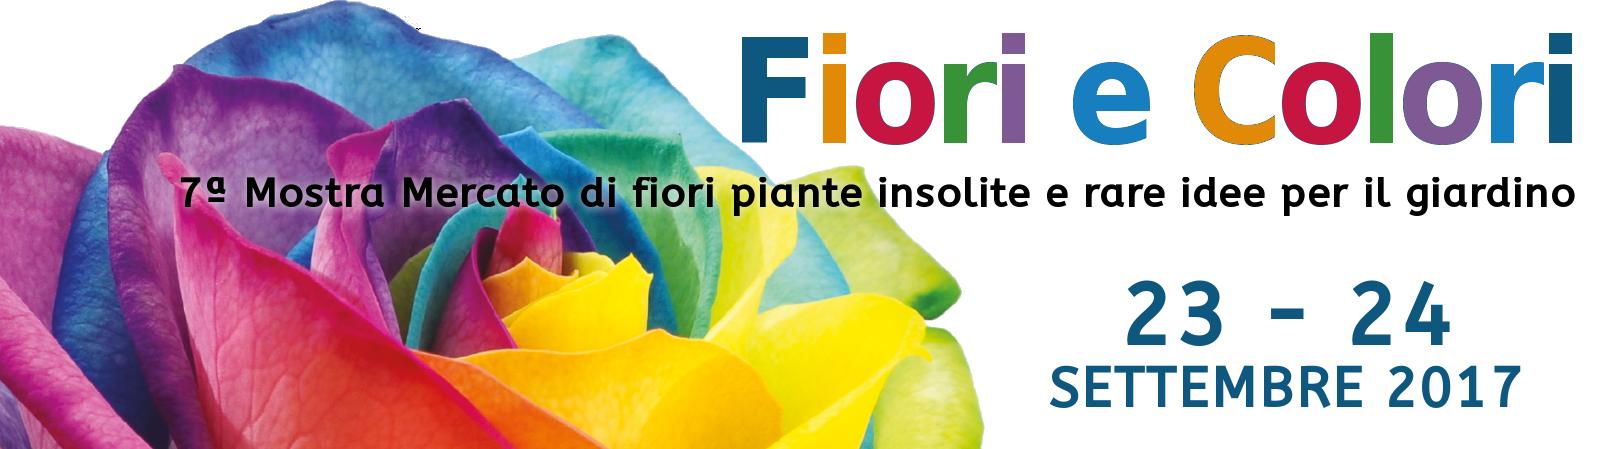 Fiori e colori 2017 propiazzola for Mostre mercato fiori 2017